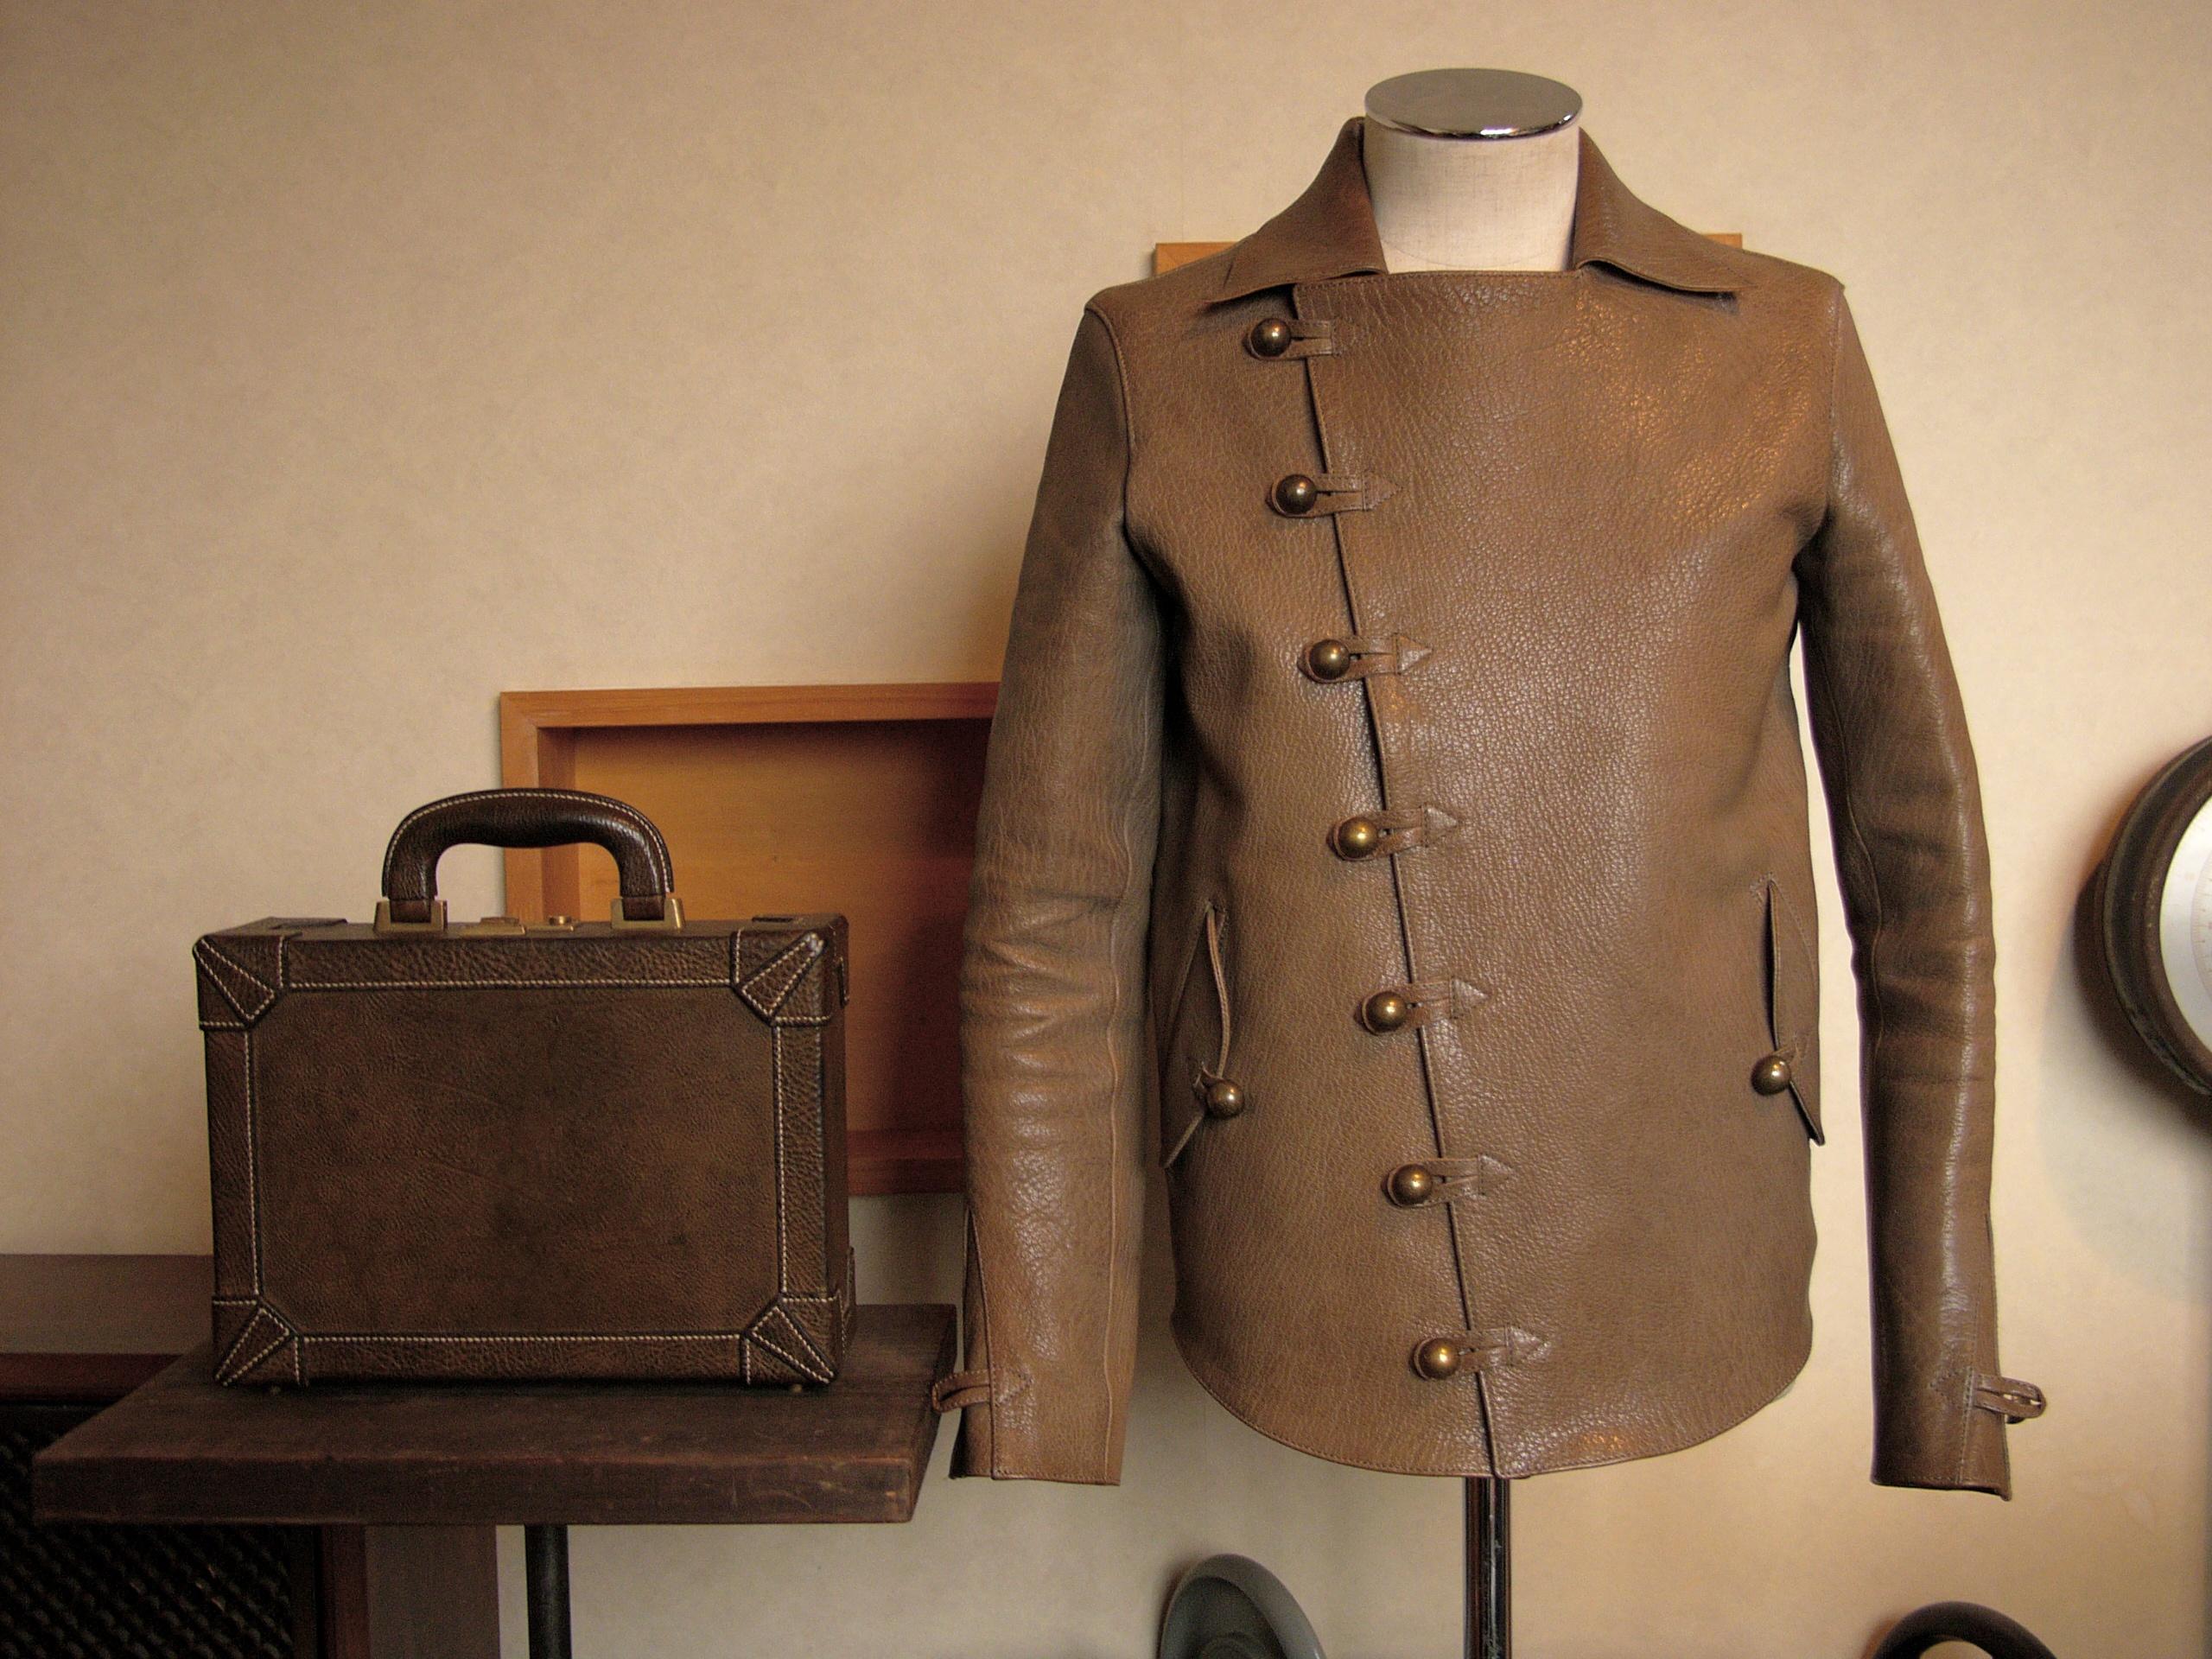 鞄、ジャケット写真